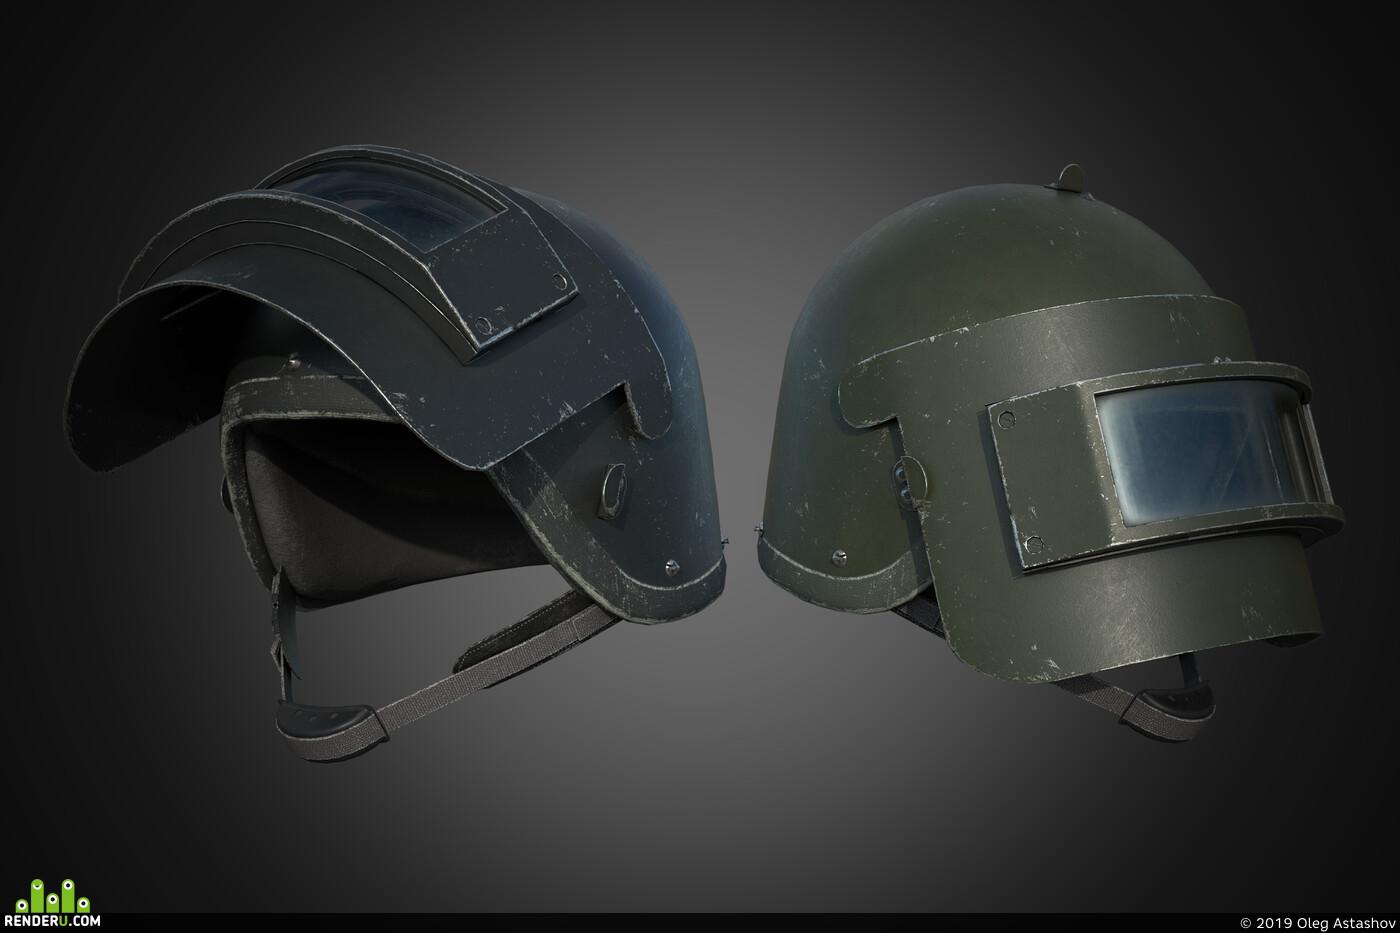 шлем, бронешлем, броня, экипировка, армия, военная одежда